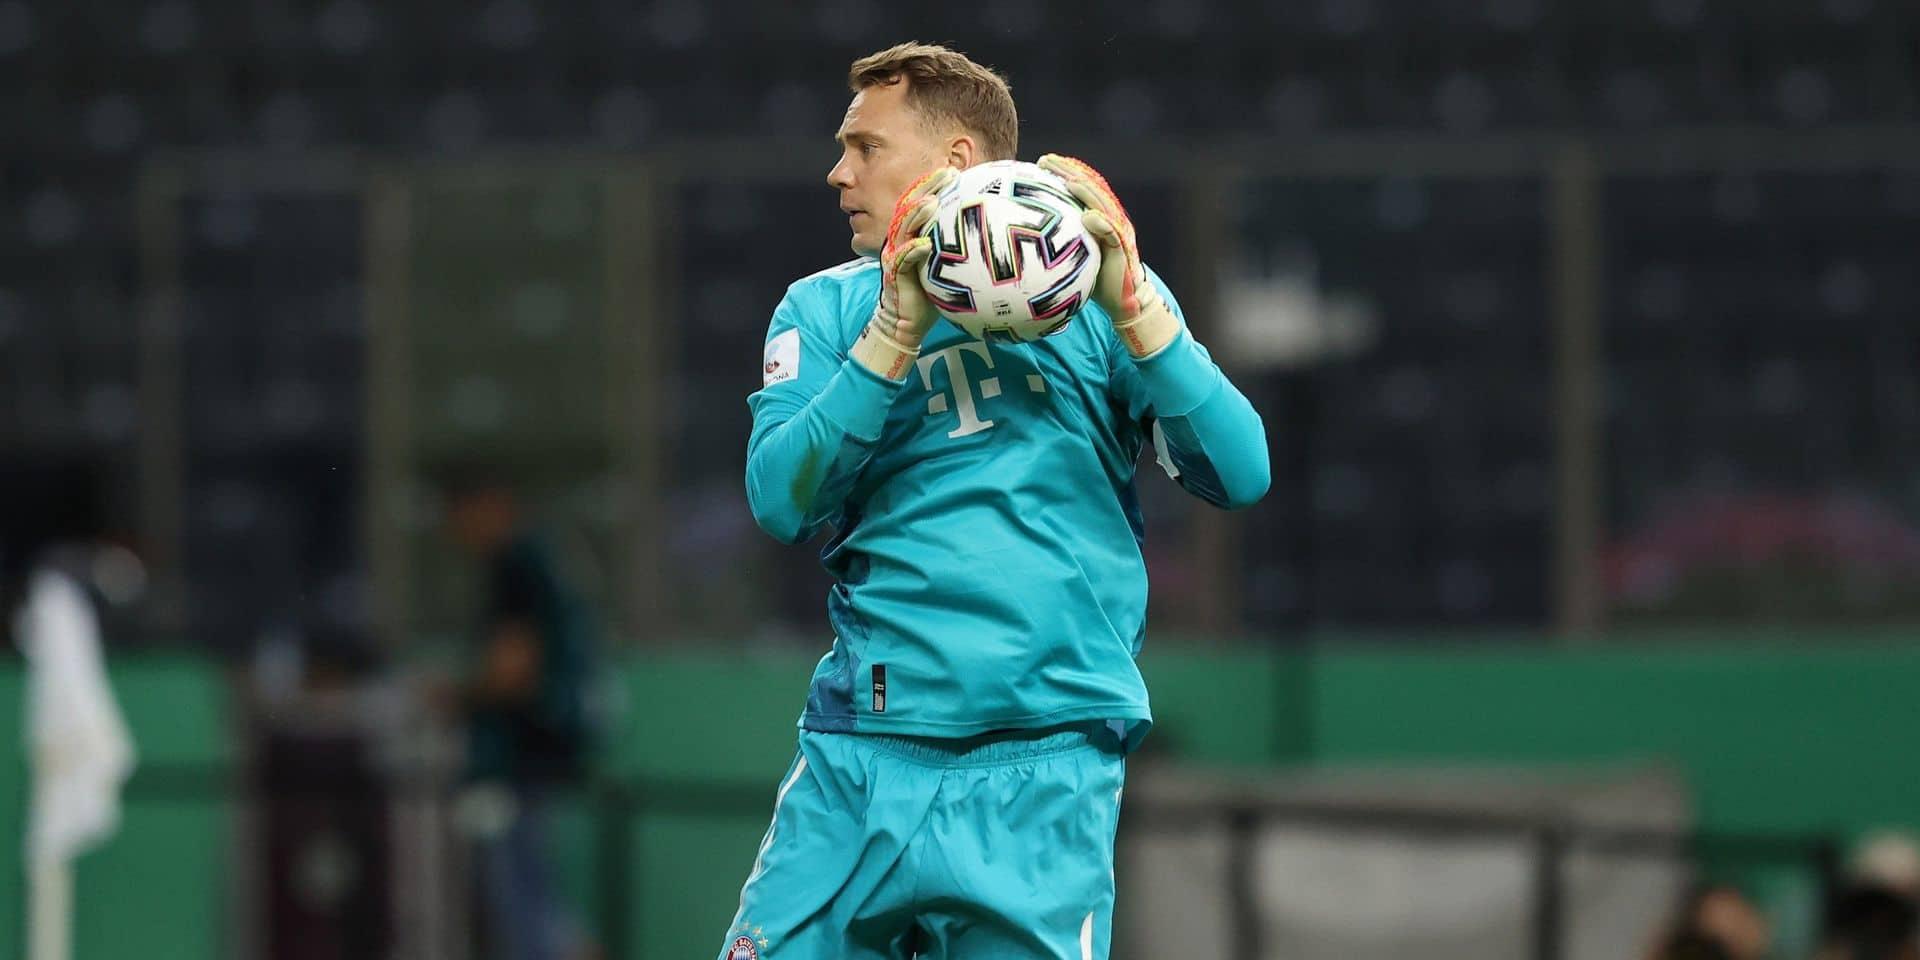 Le gardien du Bayern Munich filmé en train d'entonner un chant croate d'extrême droite